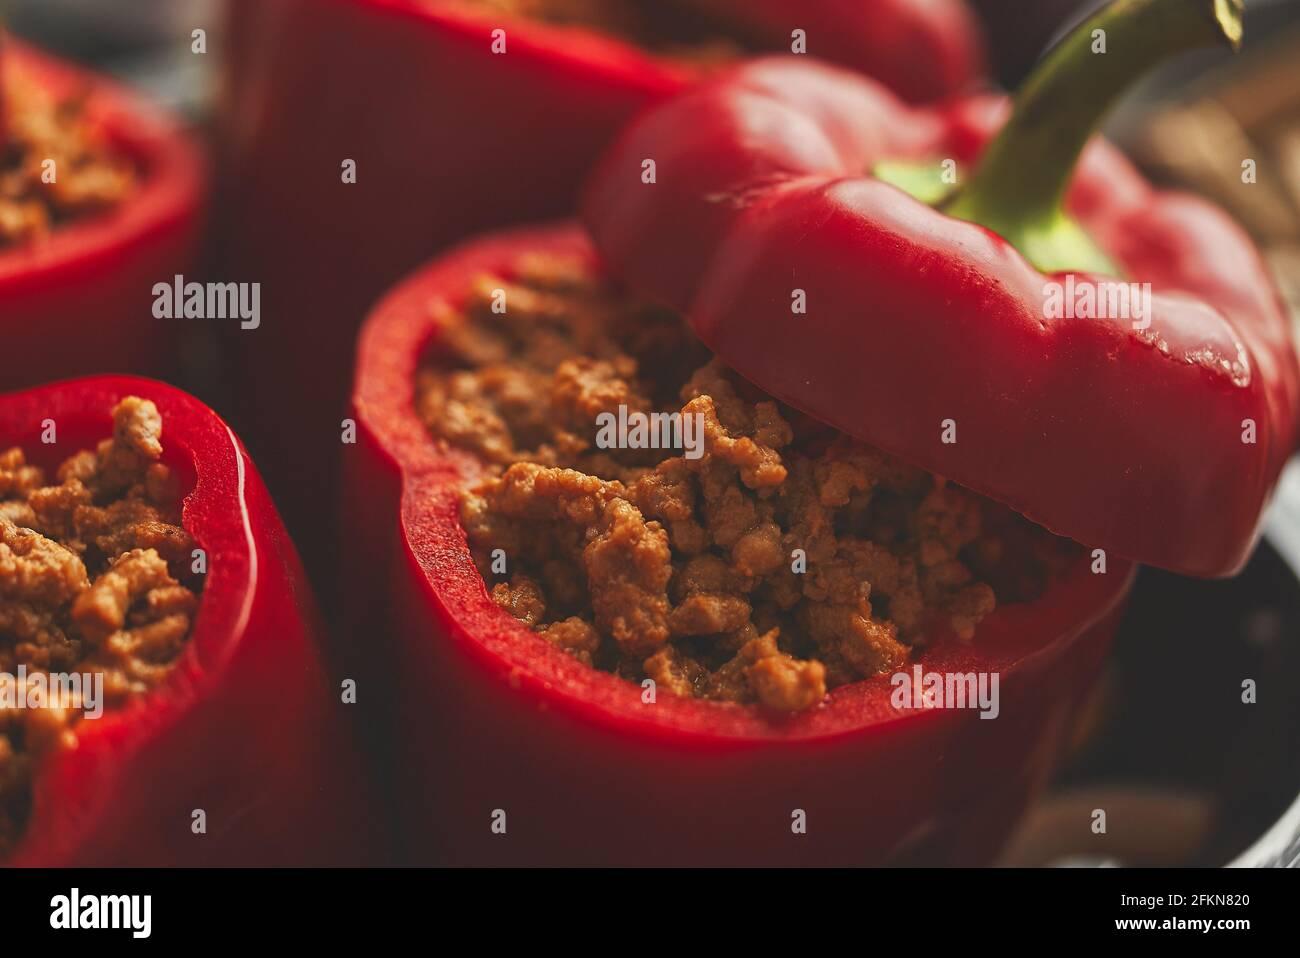 Pimientos rojos dulces rellenos de carne y tomate en una bandeja de fritura vintage Vista superior Foto de stock